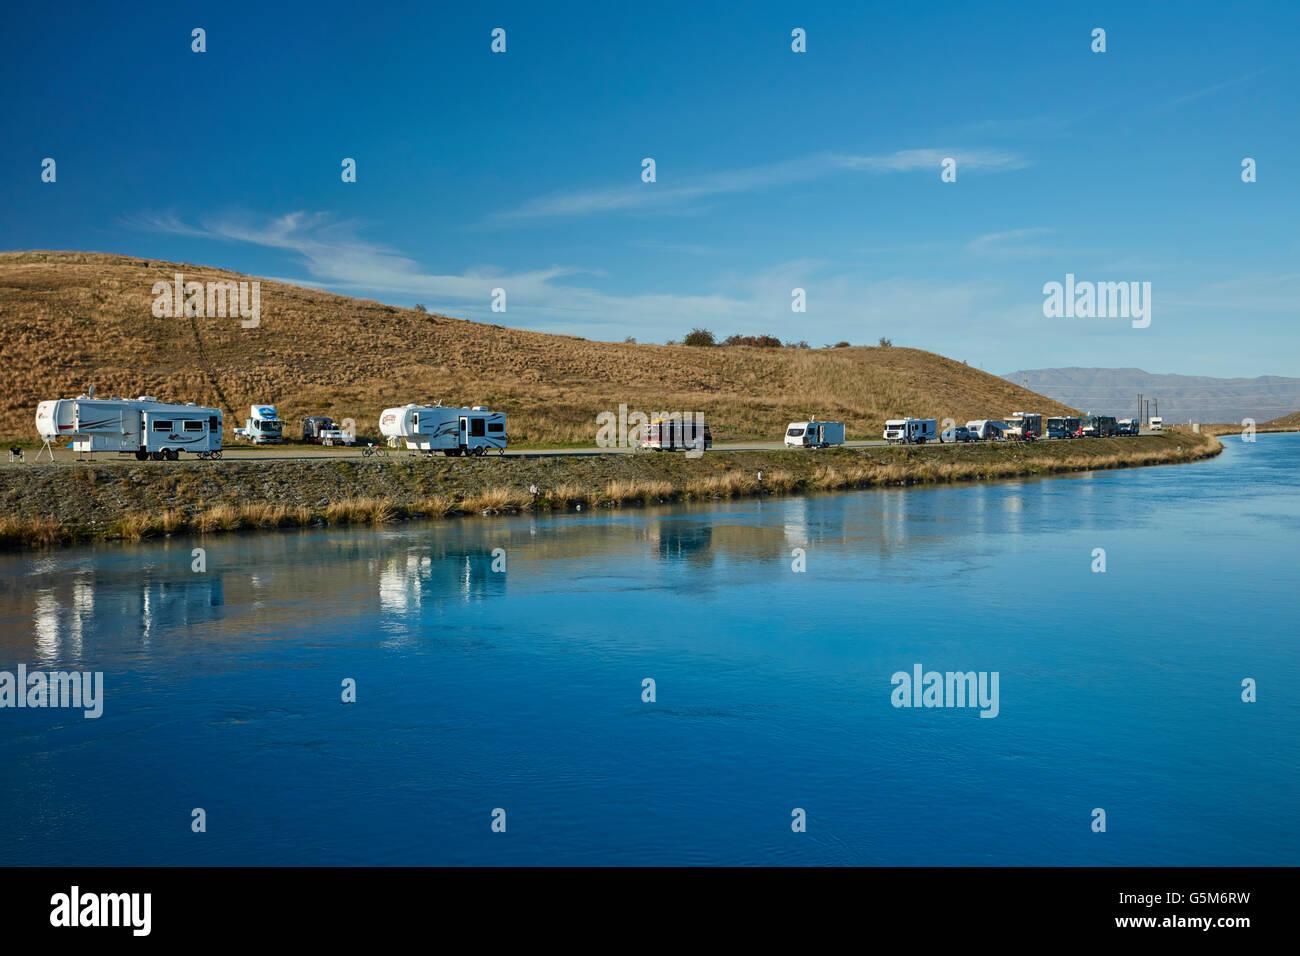 La gente pesca, caravanas y por el lago Ruataniwha campervans, cerca de Twizel, distrito de Mackenzie, South Canterbury, Imagen De Stock